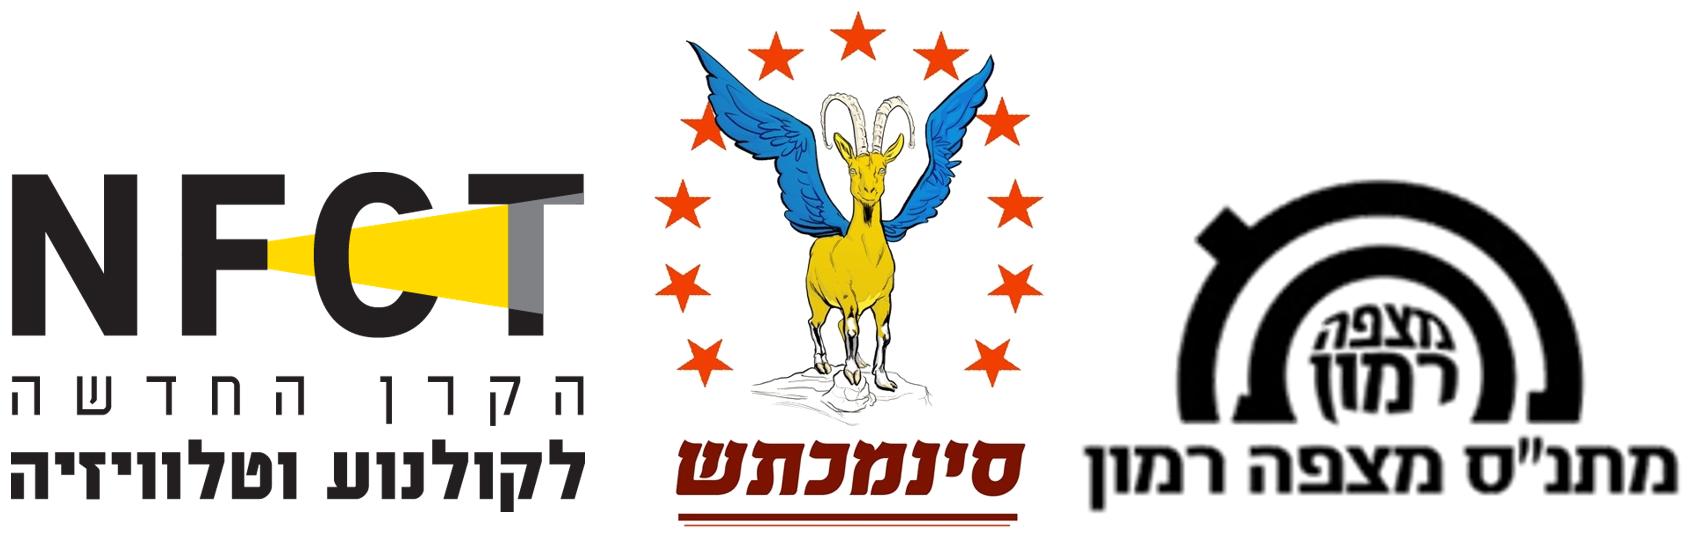 לוגואים סינמכתש 2019